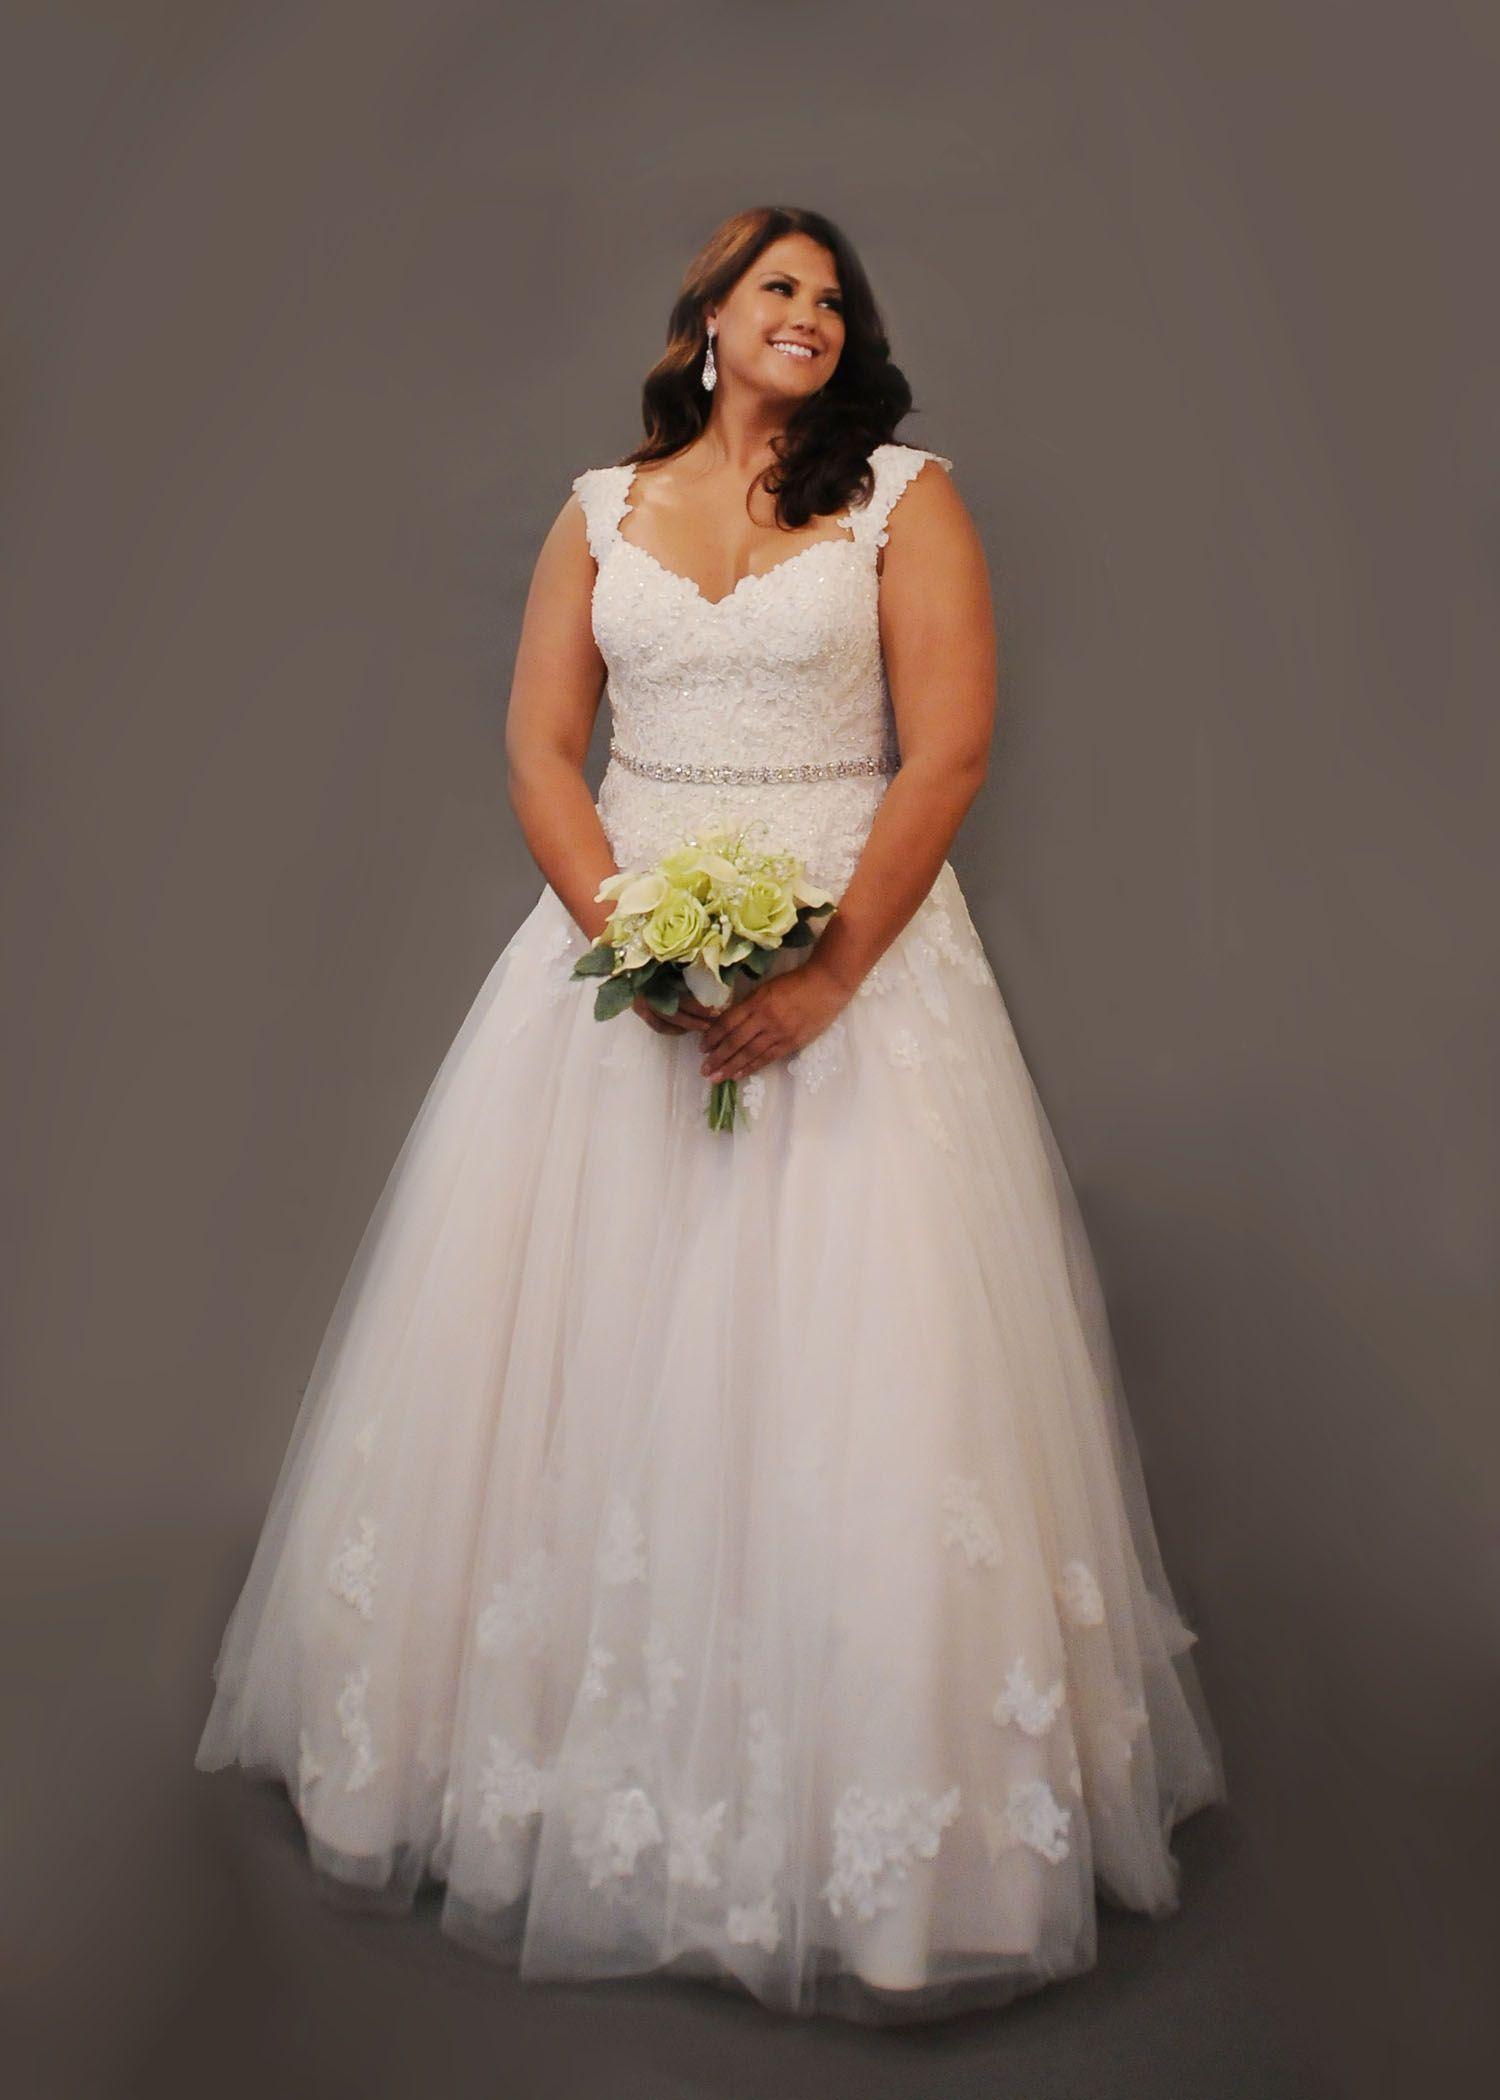 Curvy Bride, Plus Size Wedding Dress, Plus Size Fashion, Curvy ...